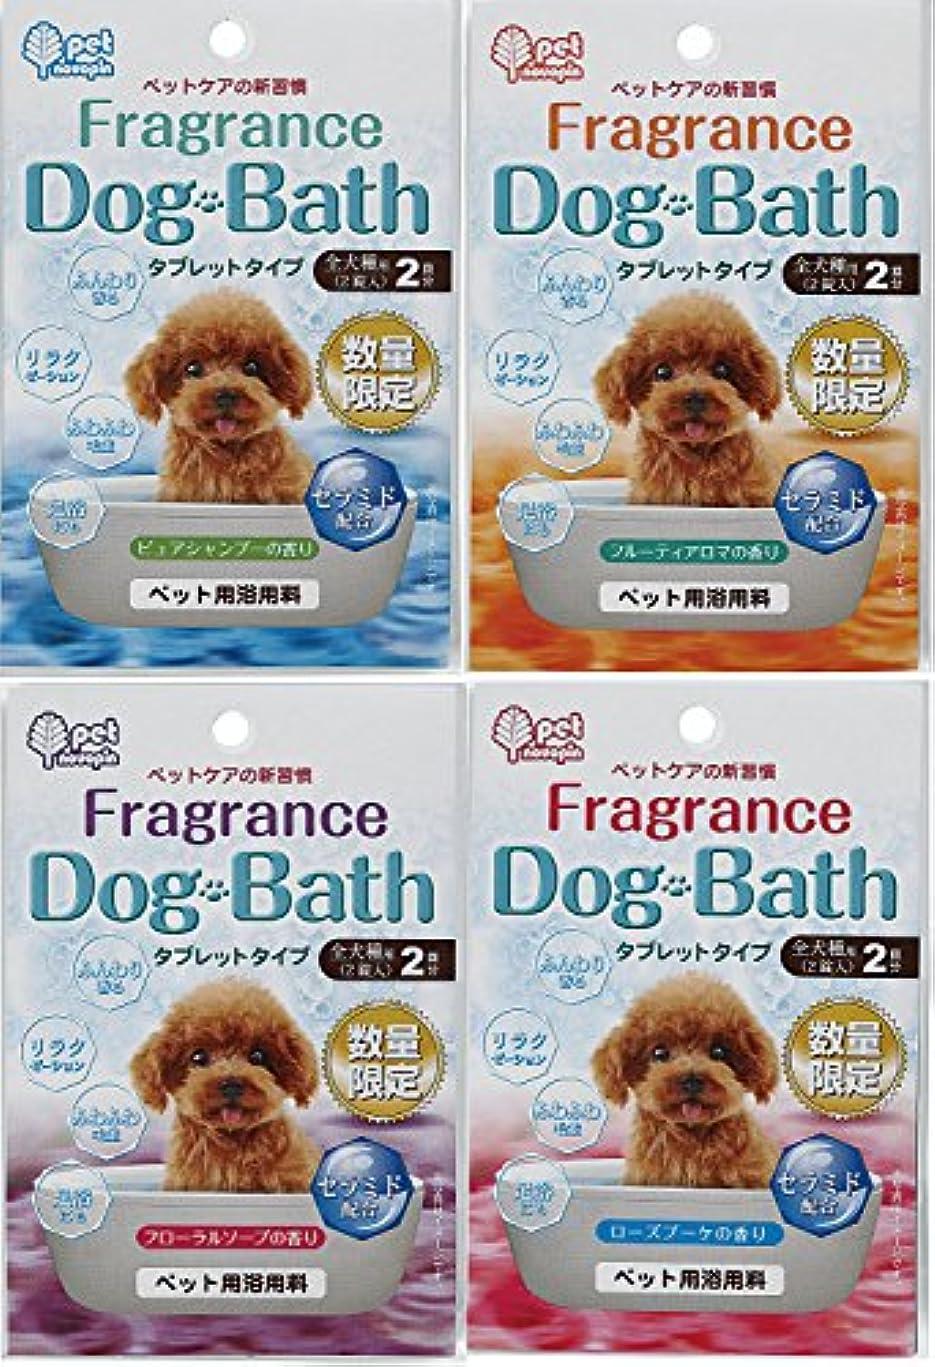 広範囲感謝魔術紀陽除虫菊 入浴剤 フレグランスドッグバス タブレットタイプ 全犬種用(2錠入り)×4種